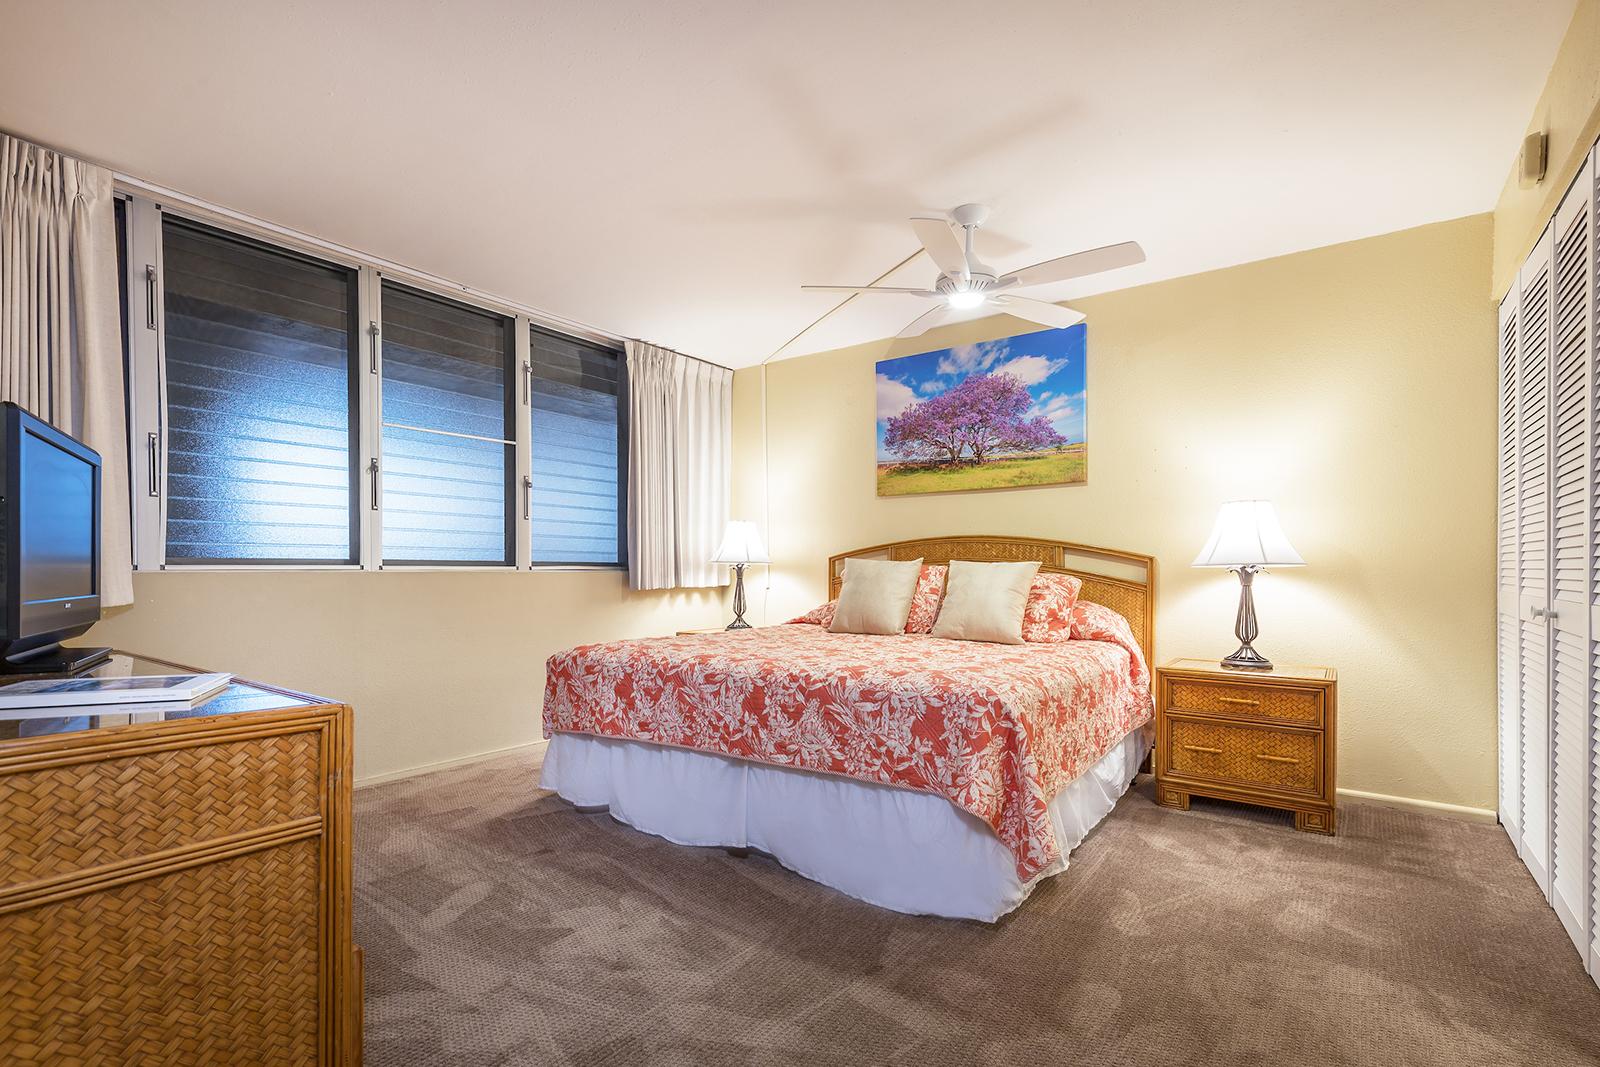 Royal-Kahana-Maui-Beach-Resort-Condos-RK510-2877.jpg